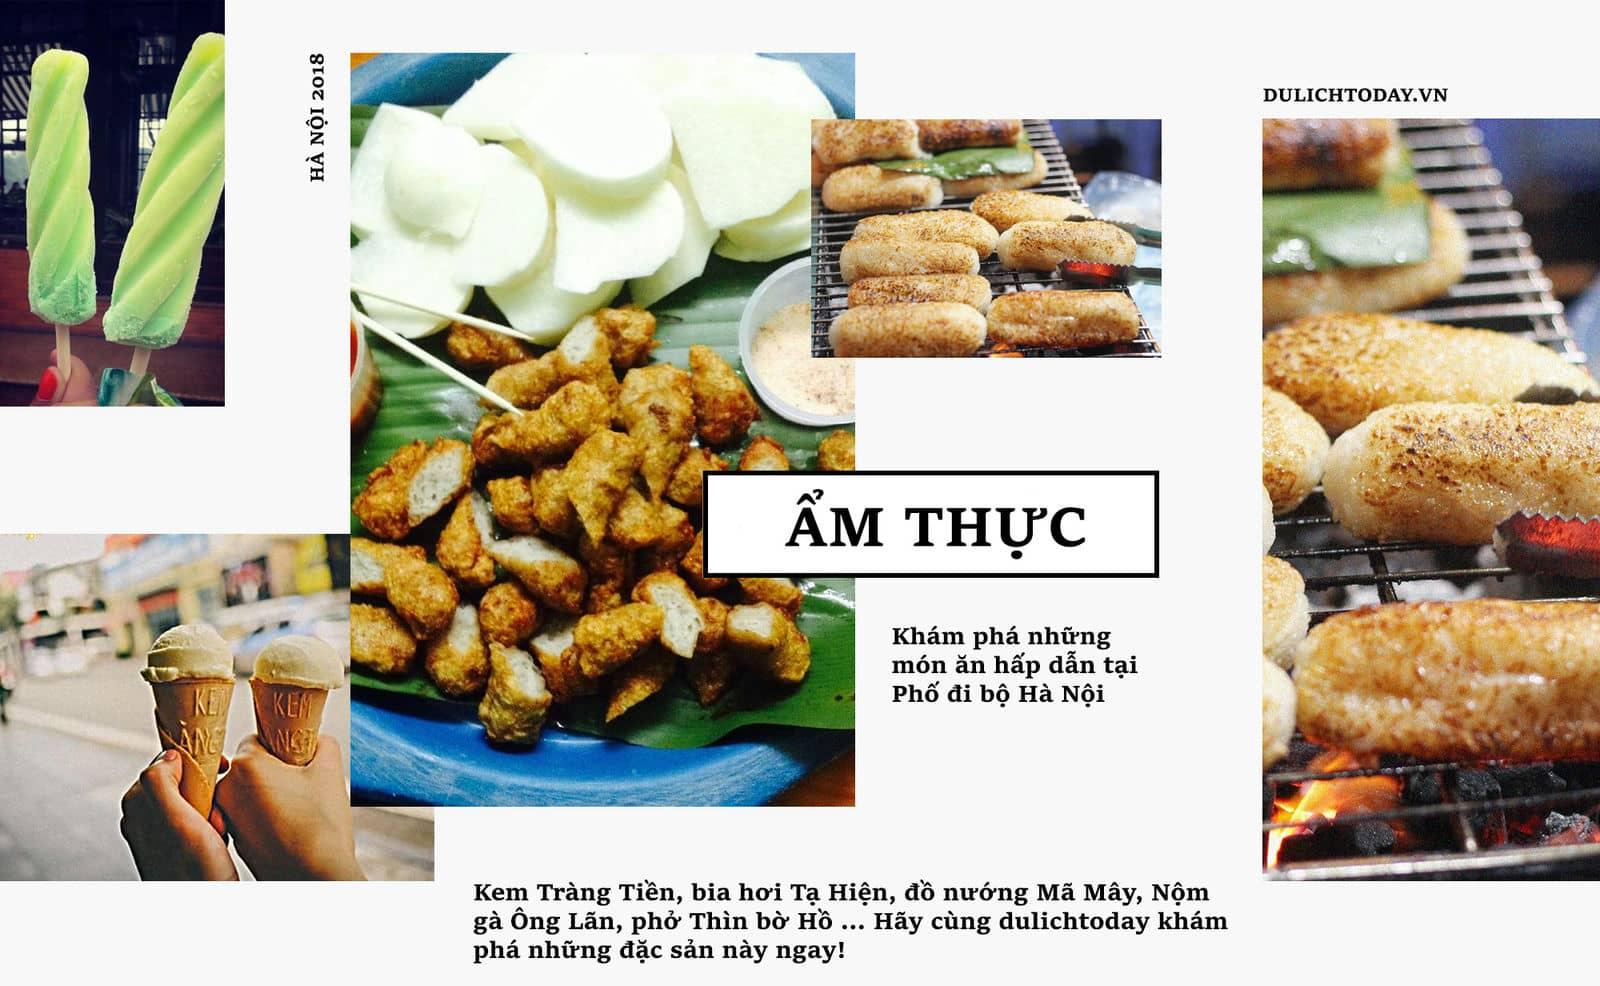 Khám phá ẩm thực phố đi bộ Hà Nội